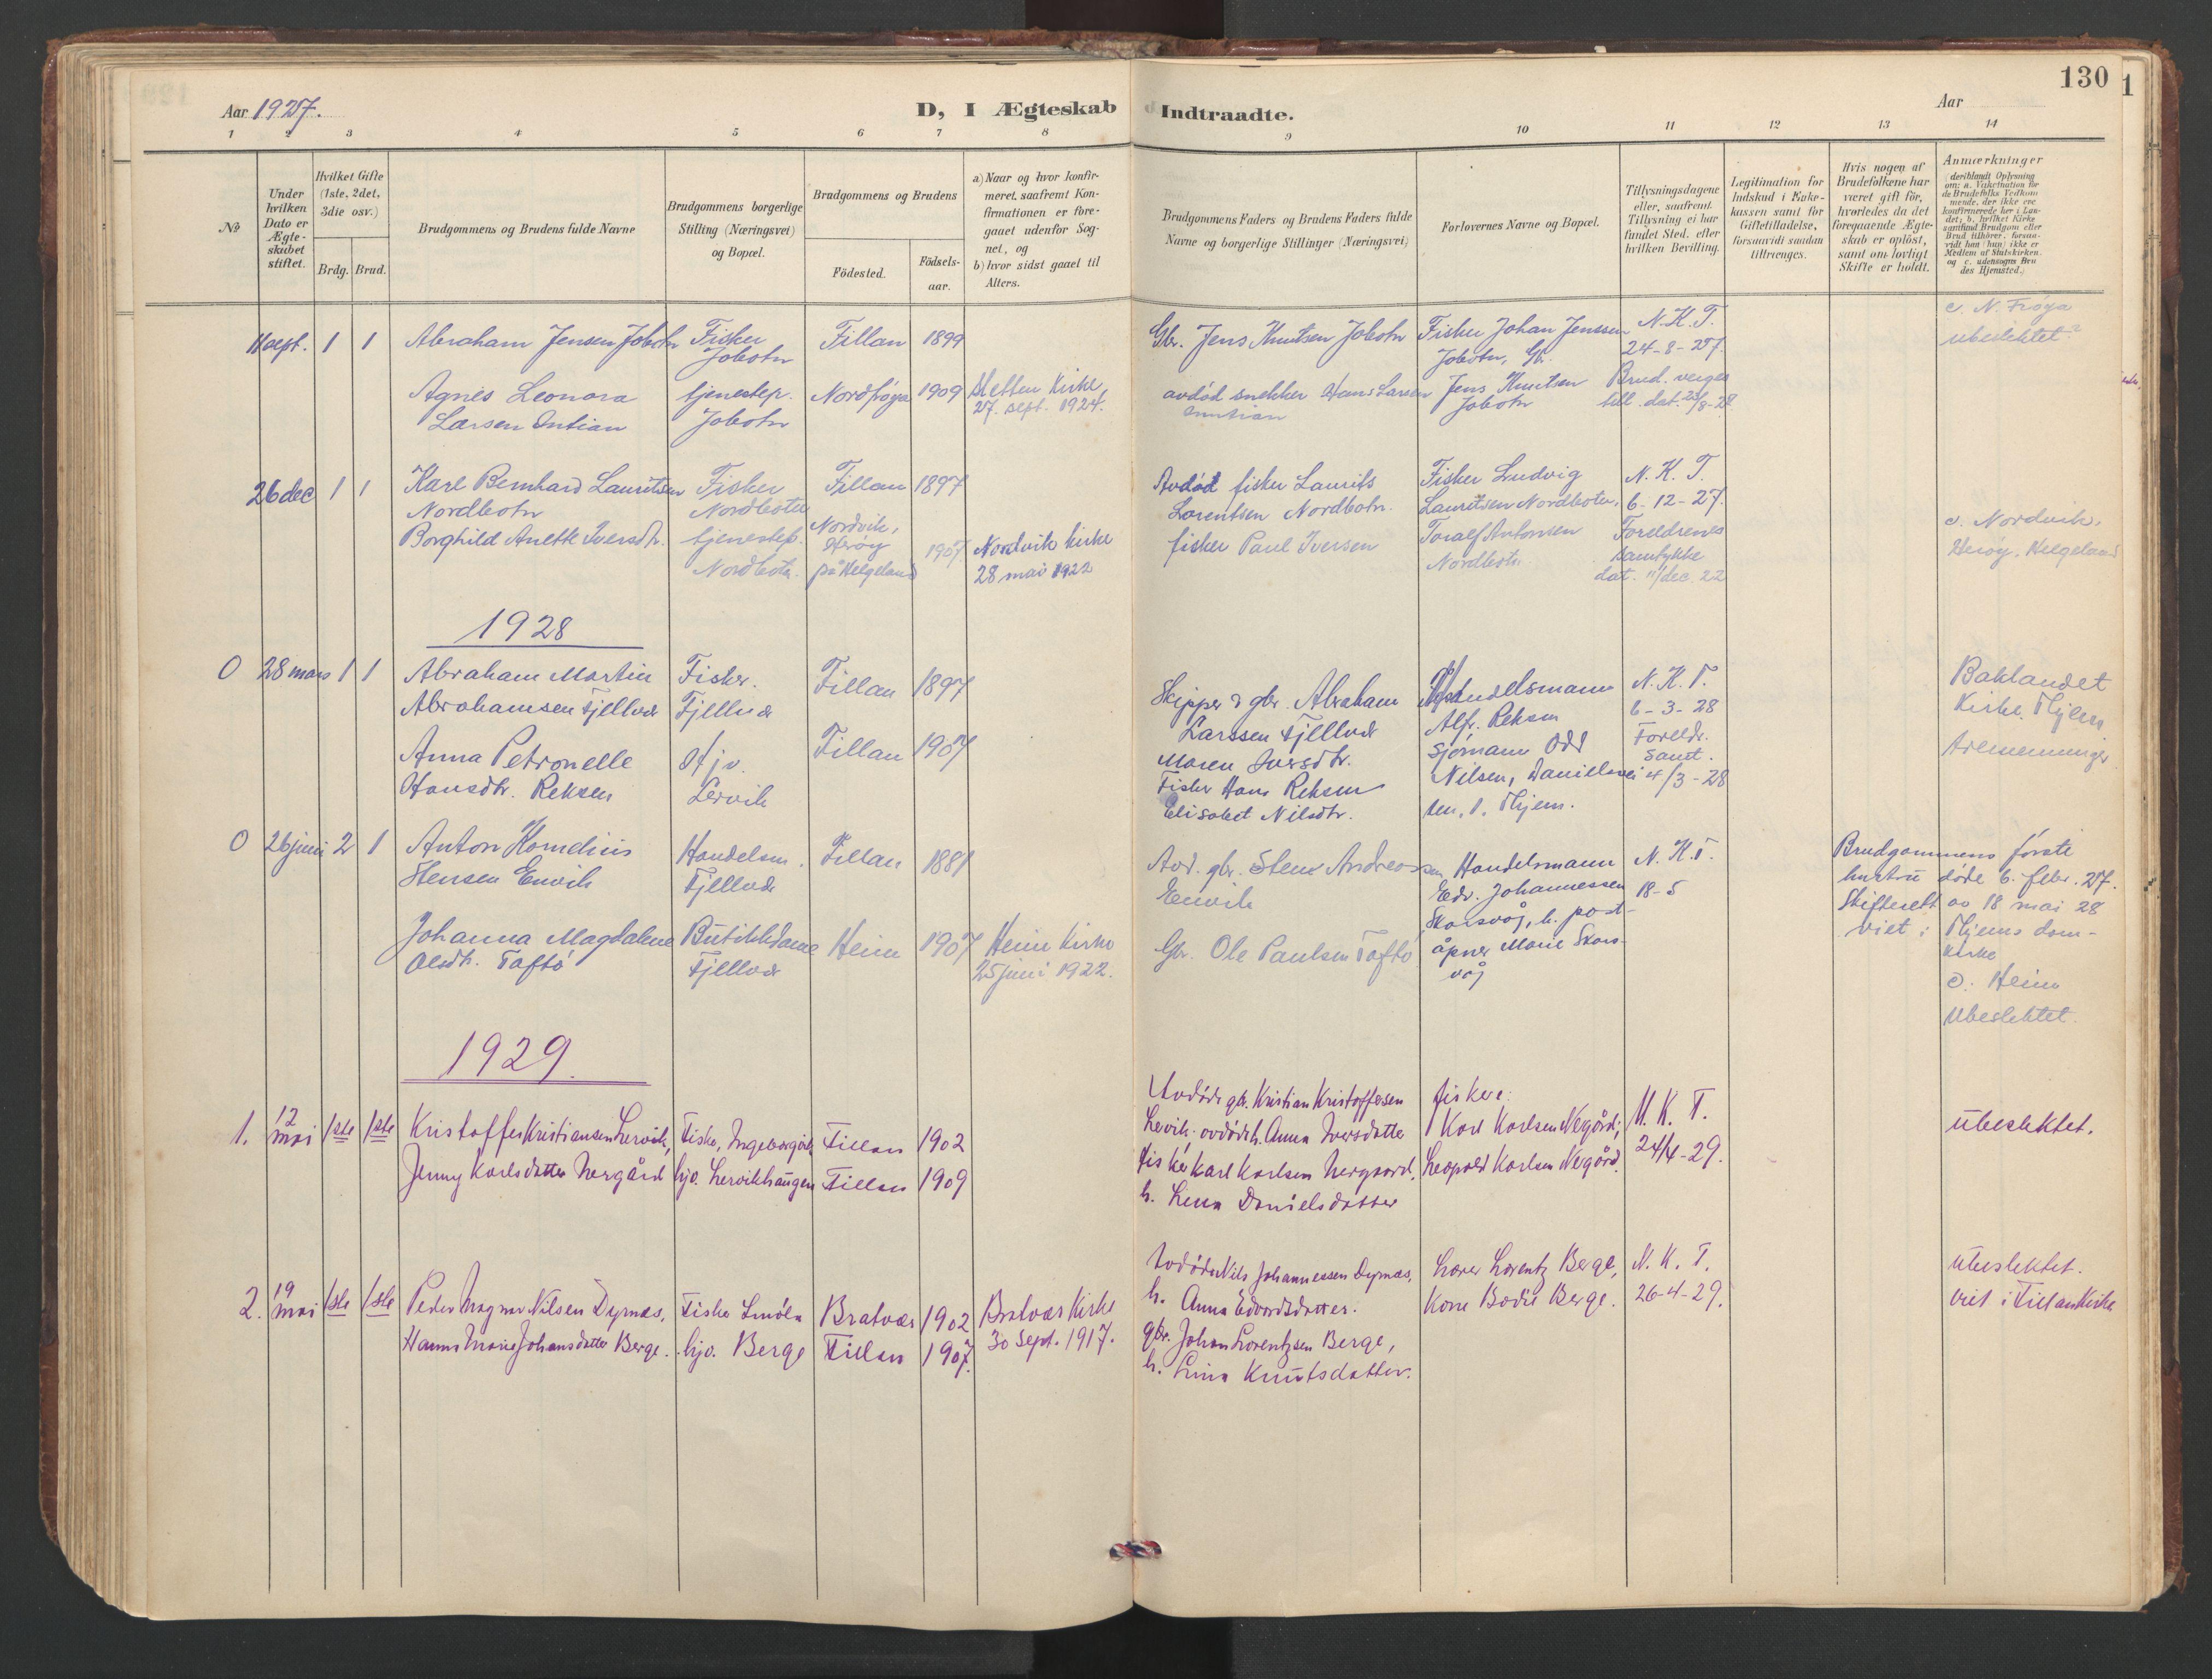 SAT, Ministerialprotokoller, klokkerbøker og fødselsregistre - Sør-Trøndelag, 638/L0571: Klokkerbok nr. 638C03, 1901-1930, s. 130